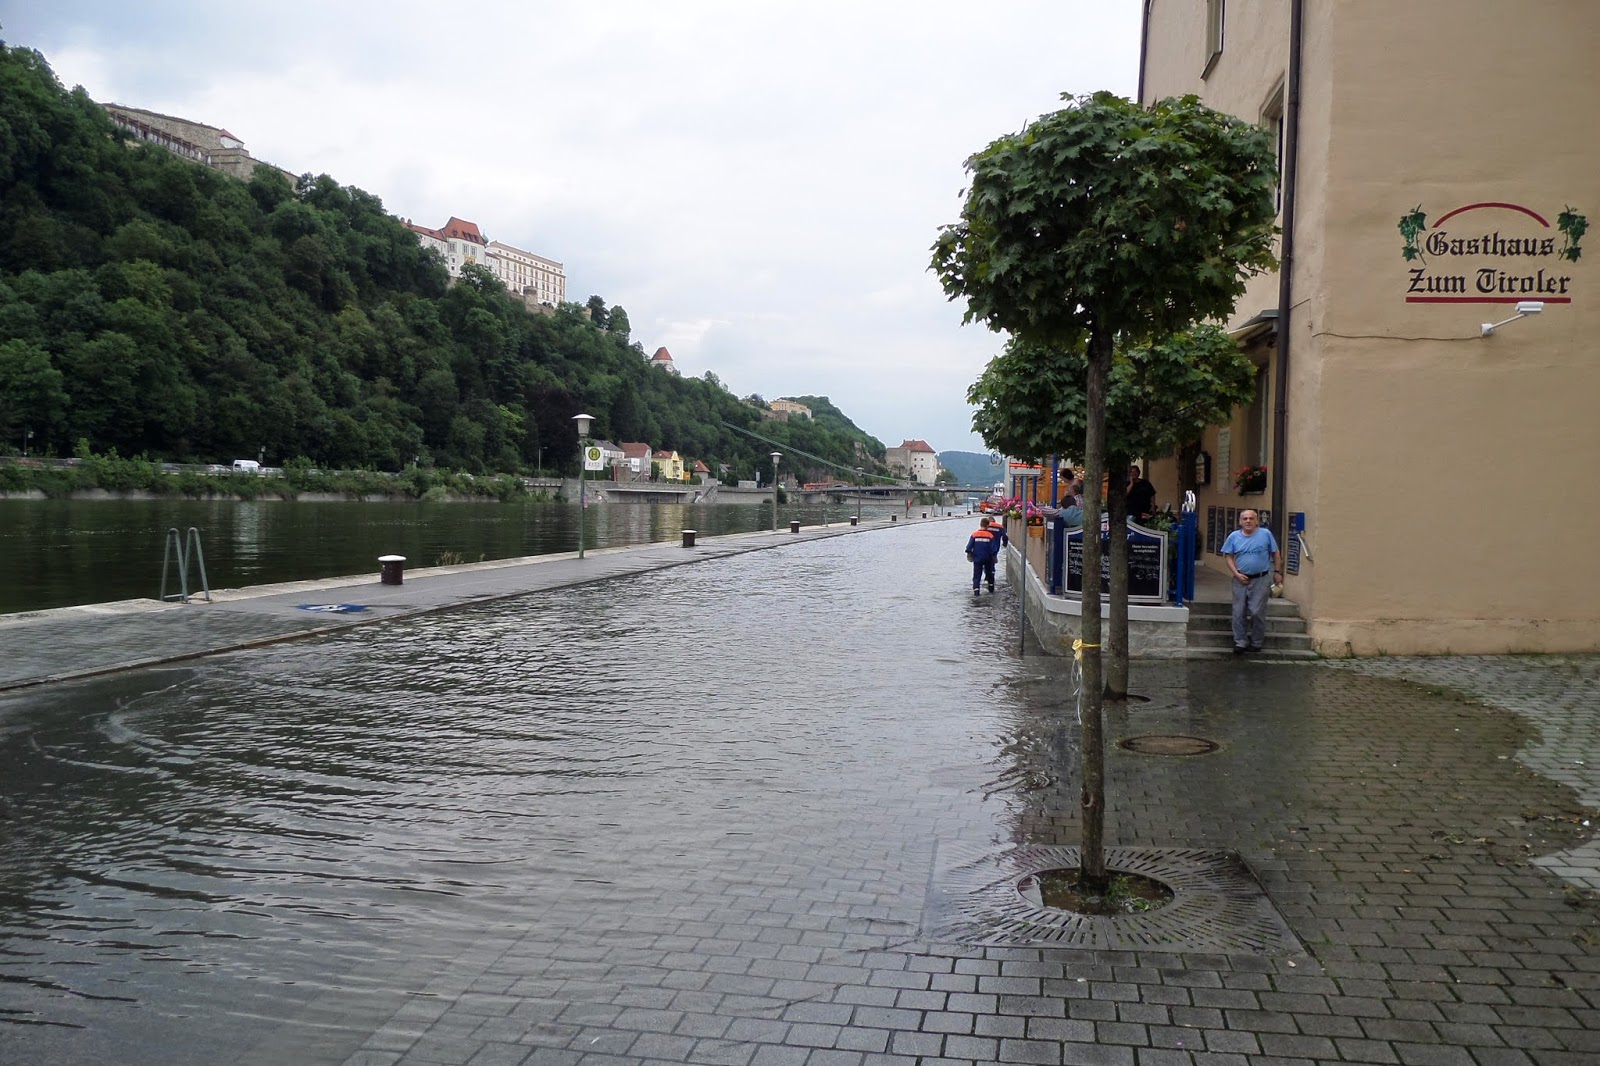 A mai napunkat egy másik bajor kisváros megtekintésével kezdtük. Deggendorf 35 ezer lakosú városka. Degendorf főtereAhogy tegnap Straubingen esetében mondtam, e...